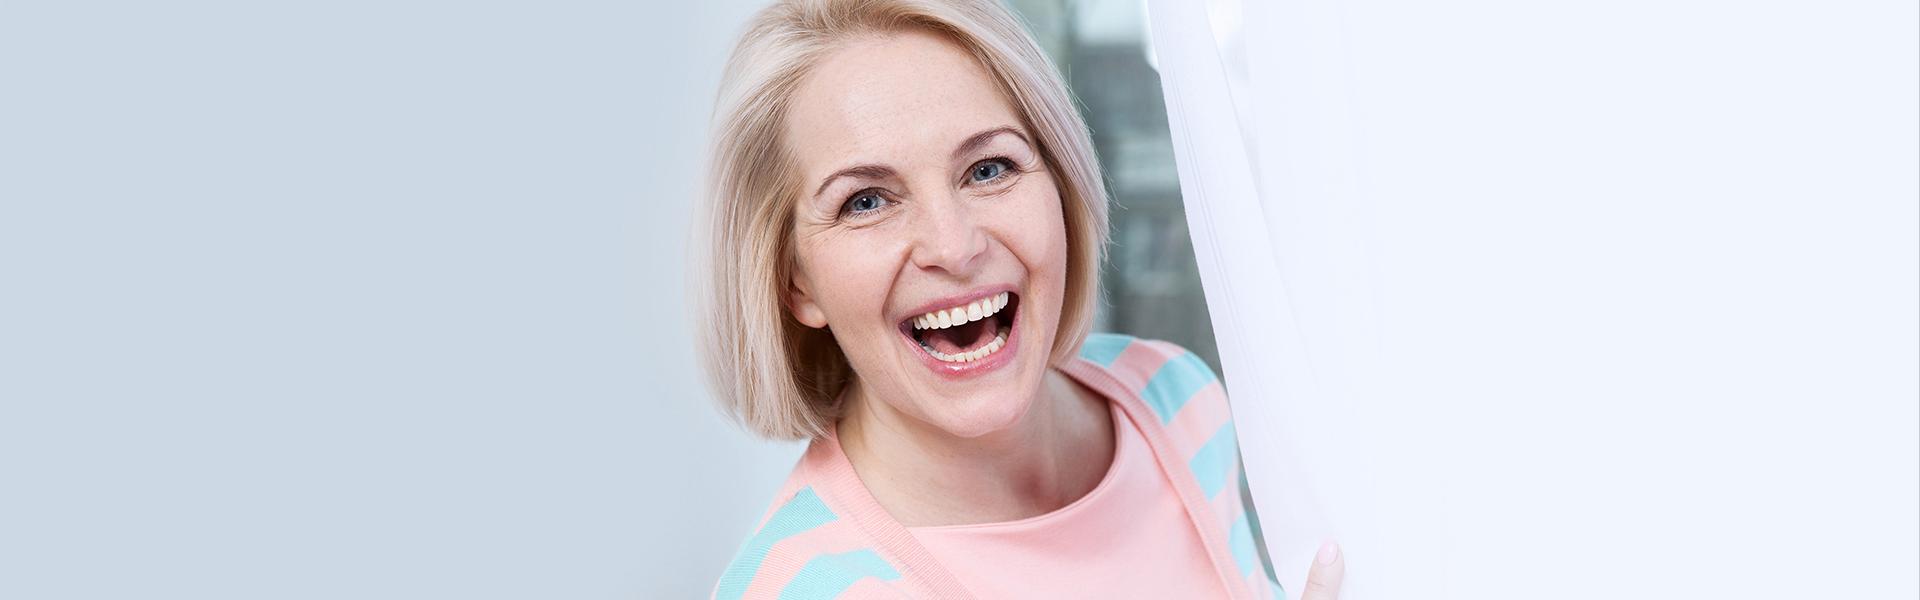 How to Fix Dentures